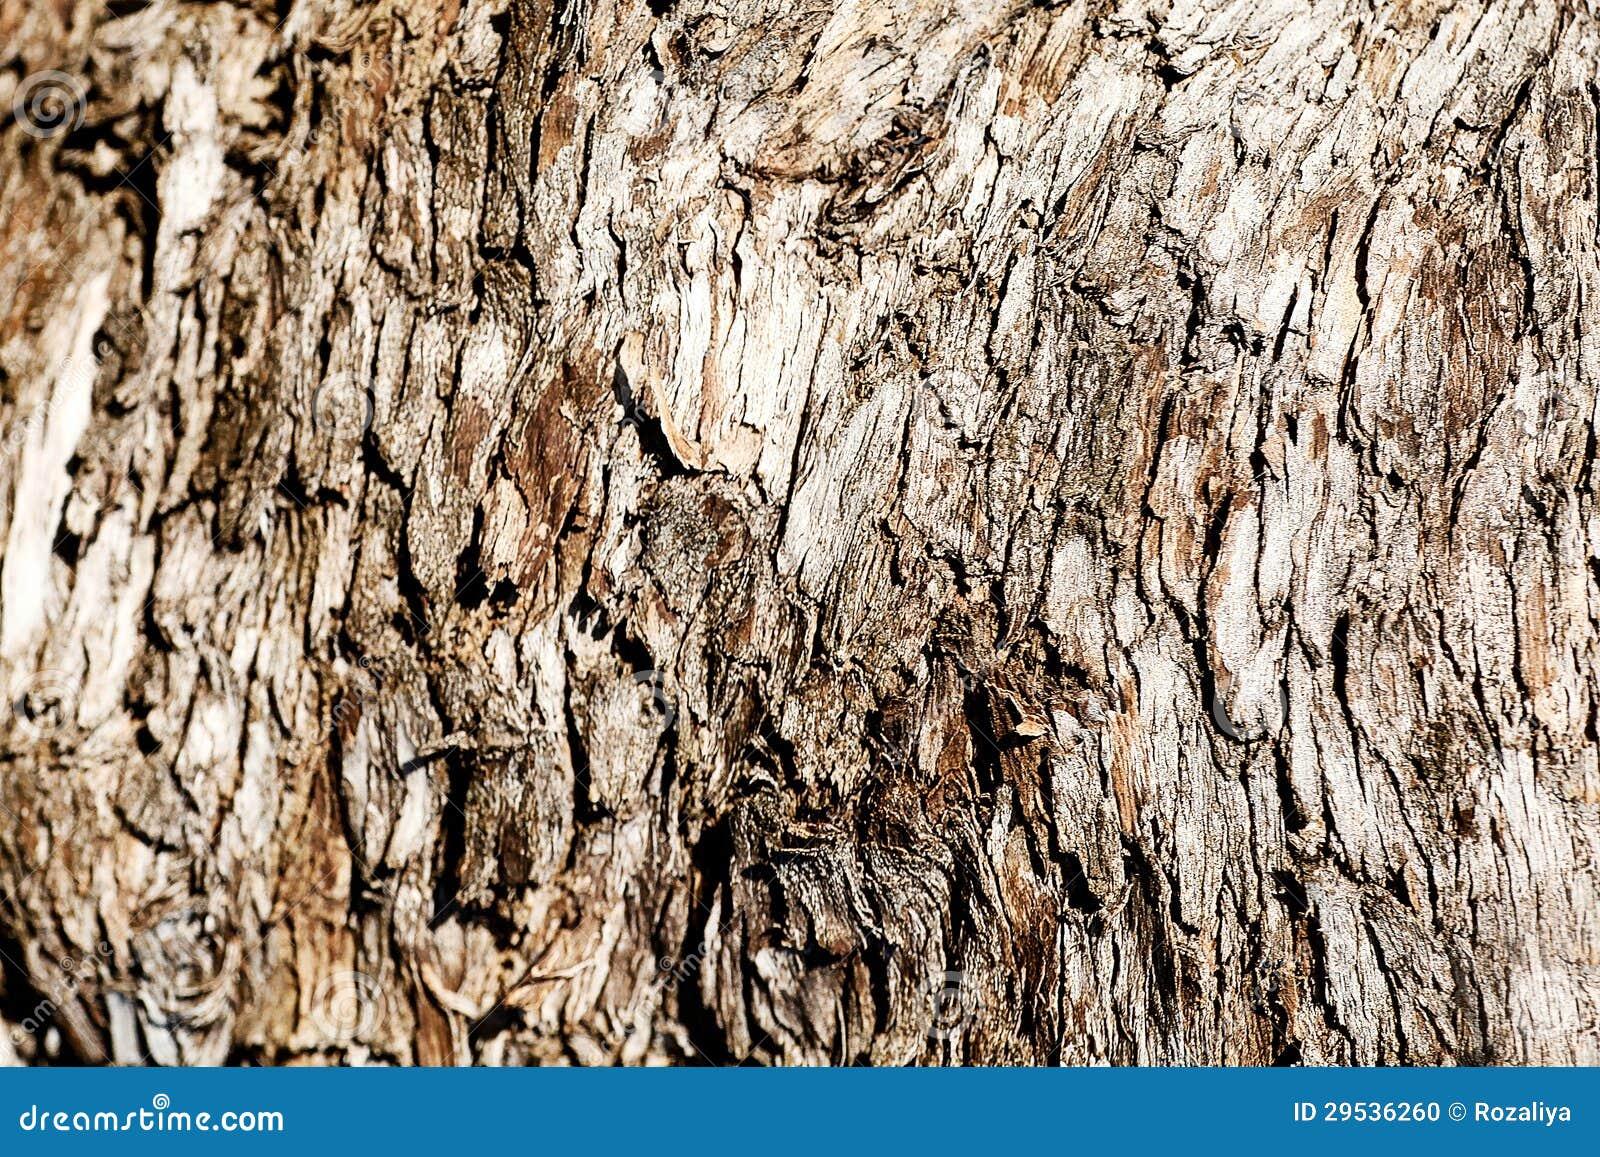 Casca de árvore. Textura de madeira